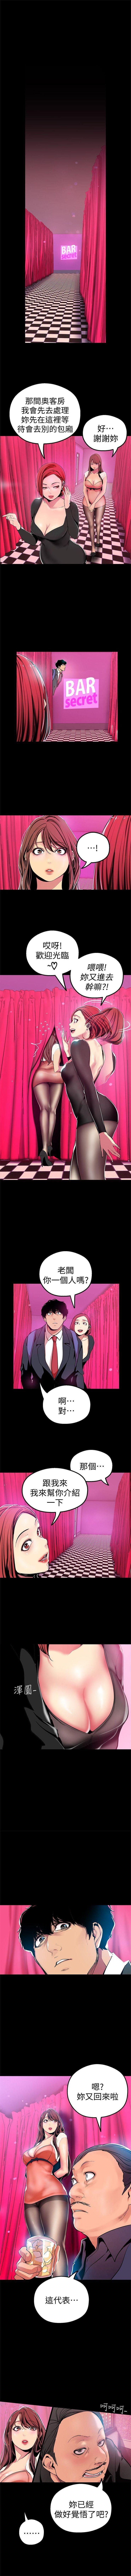 (週1)美麗新世界 1-70 中文翻譯 (更新中) 234